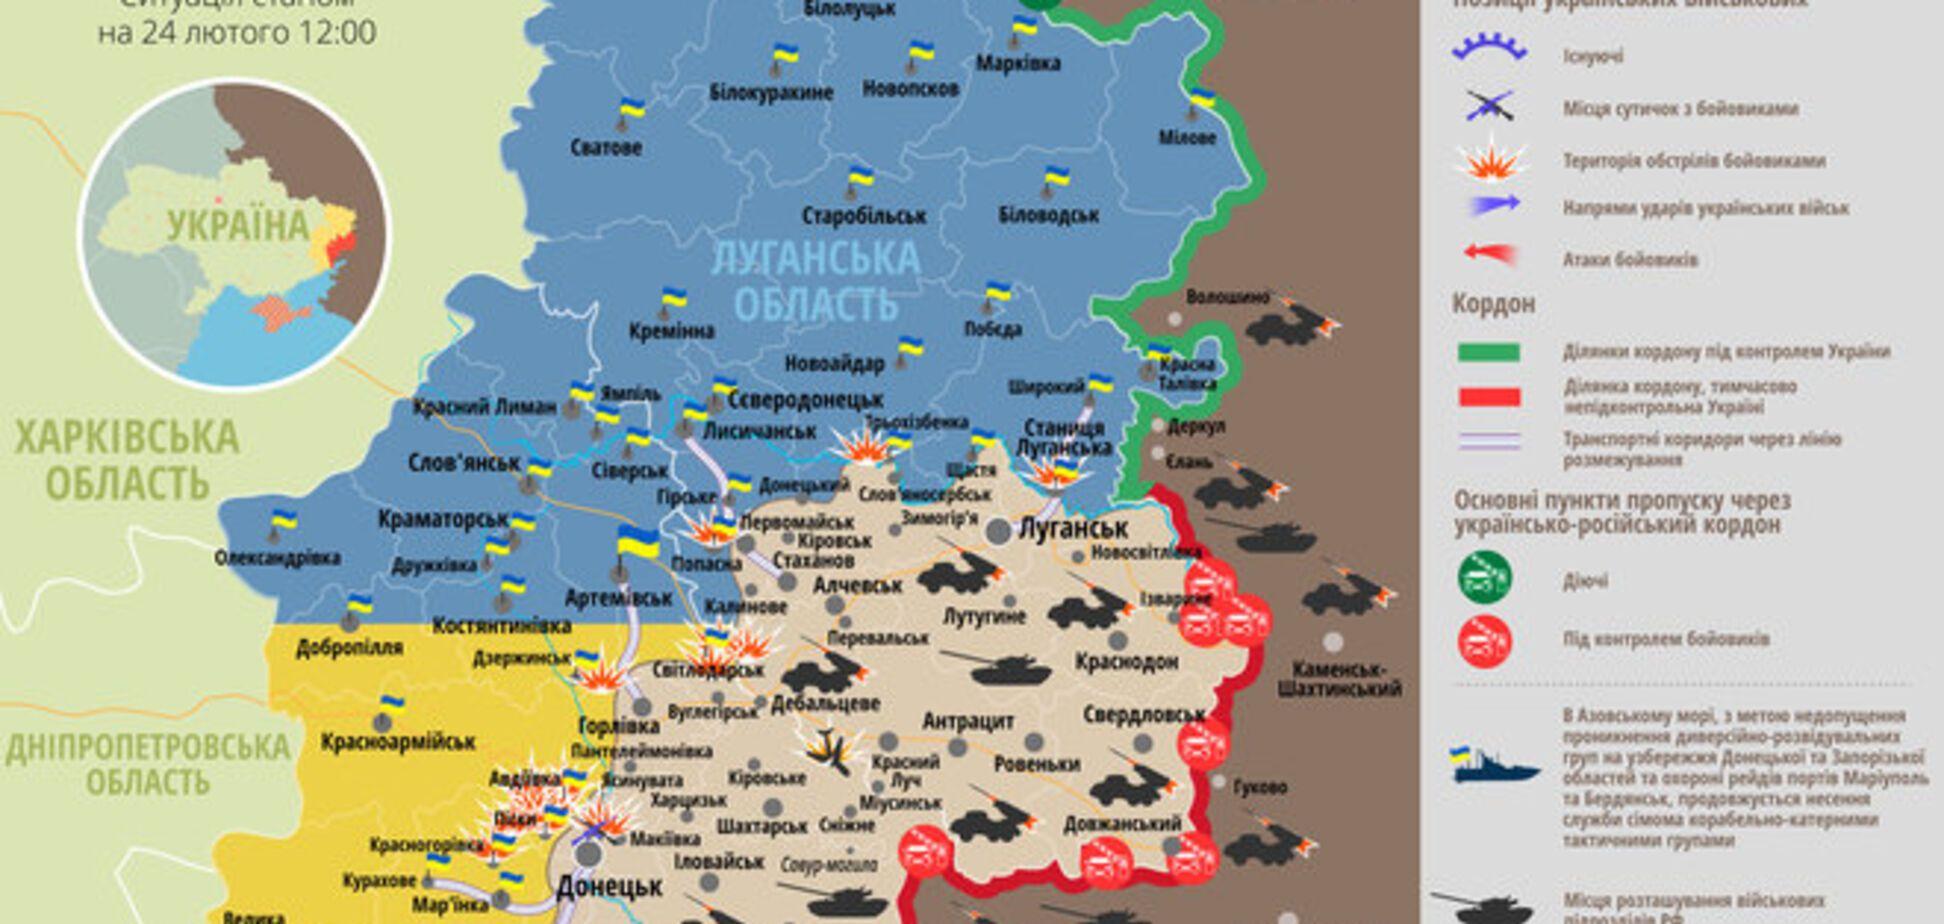 Террористы меняют тактику и не прекращают огонь: карта АТО